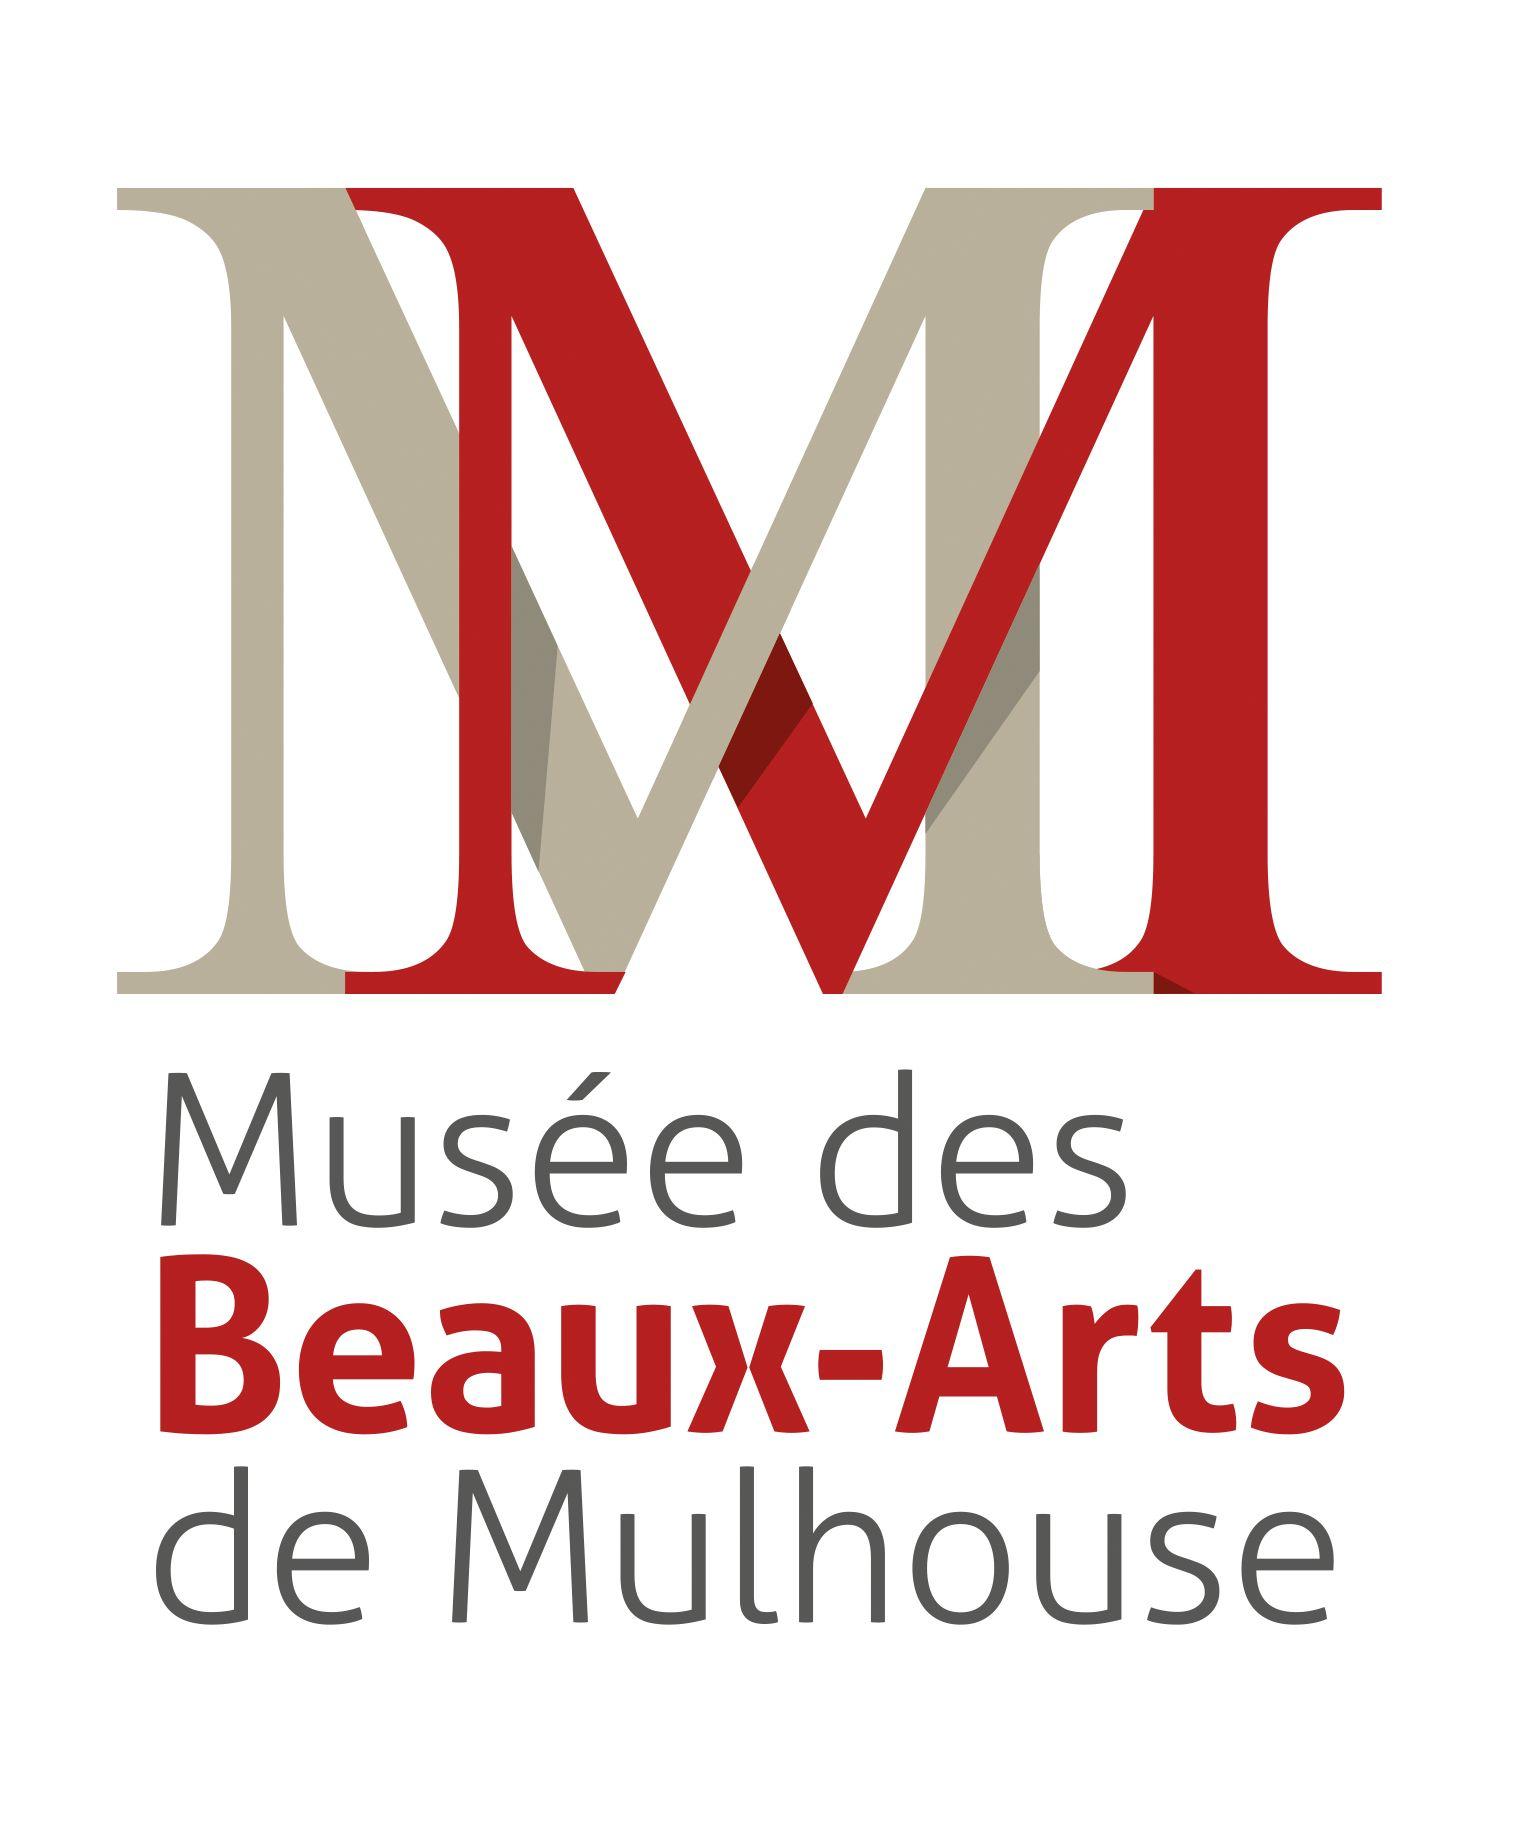 Muséoroux